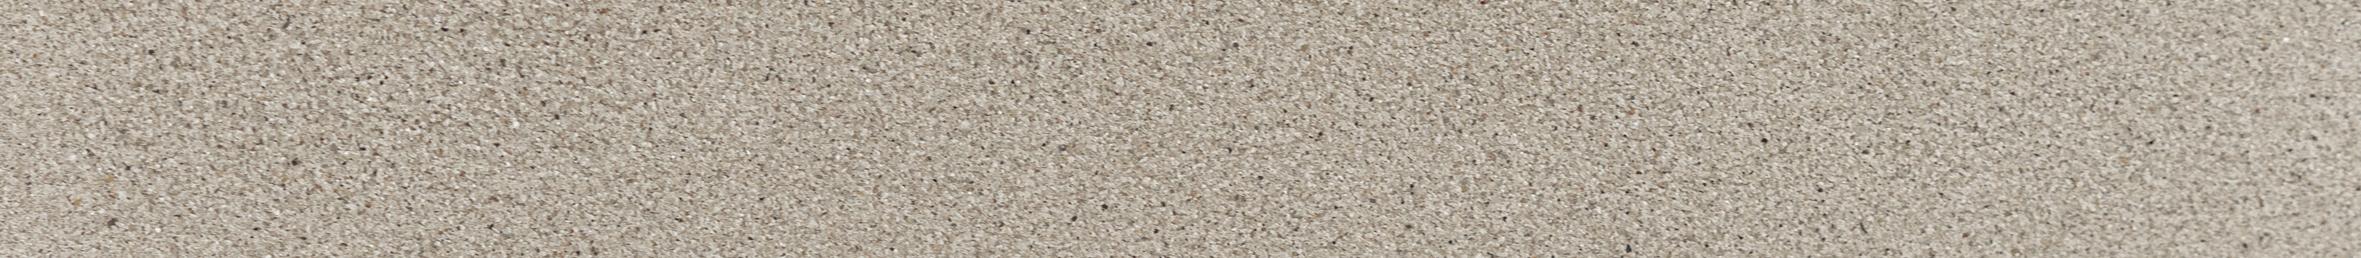 Fugenschlämmmörtel - Fugenfarbe 2064